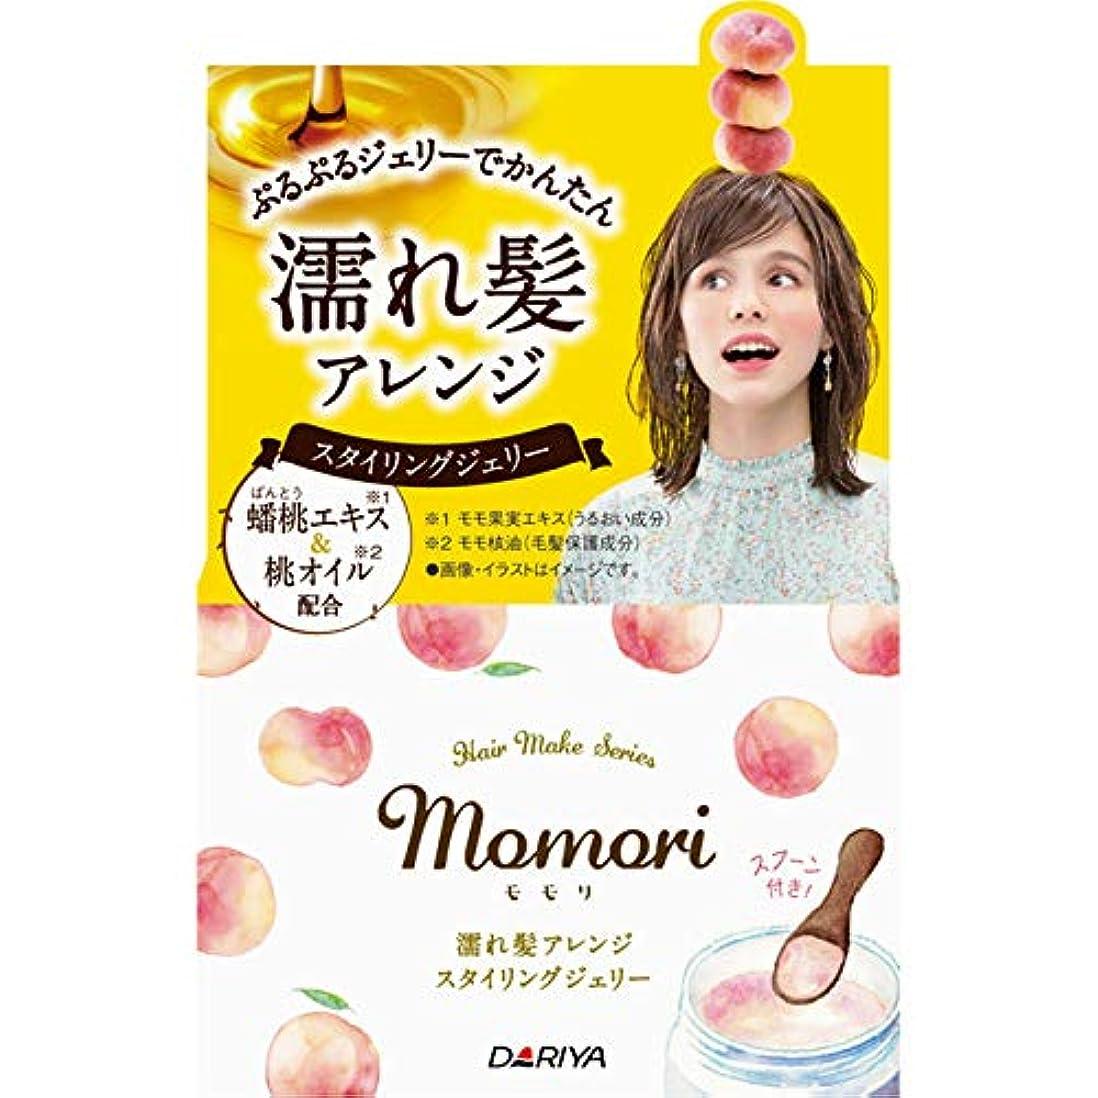 アミューズメント心理的ライトニングダリヤ モモリ 濡れ髪アレンジ スタイリングジェリー 100g